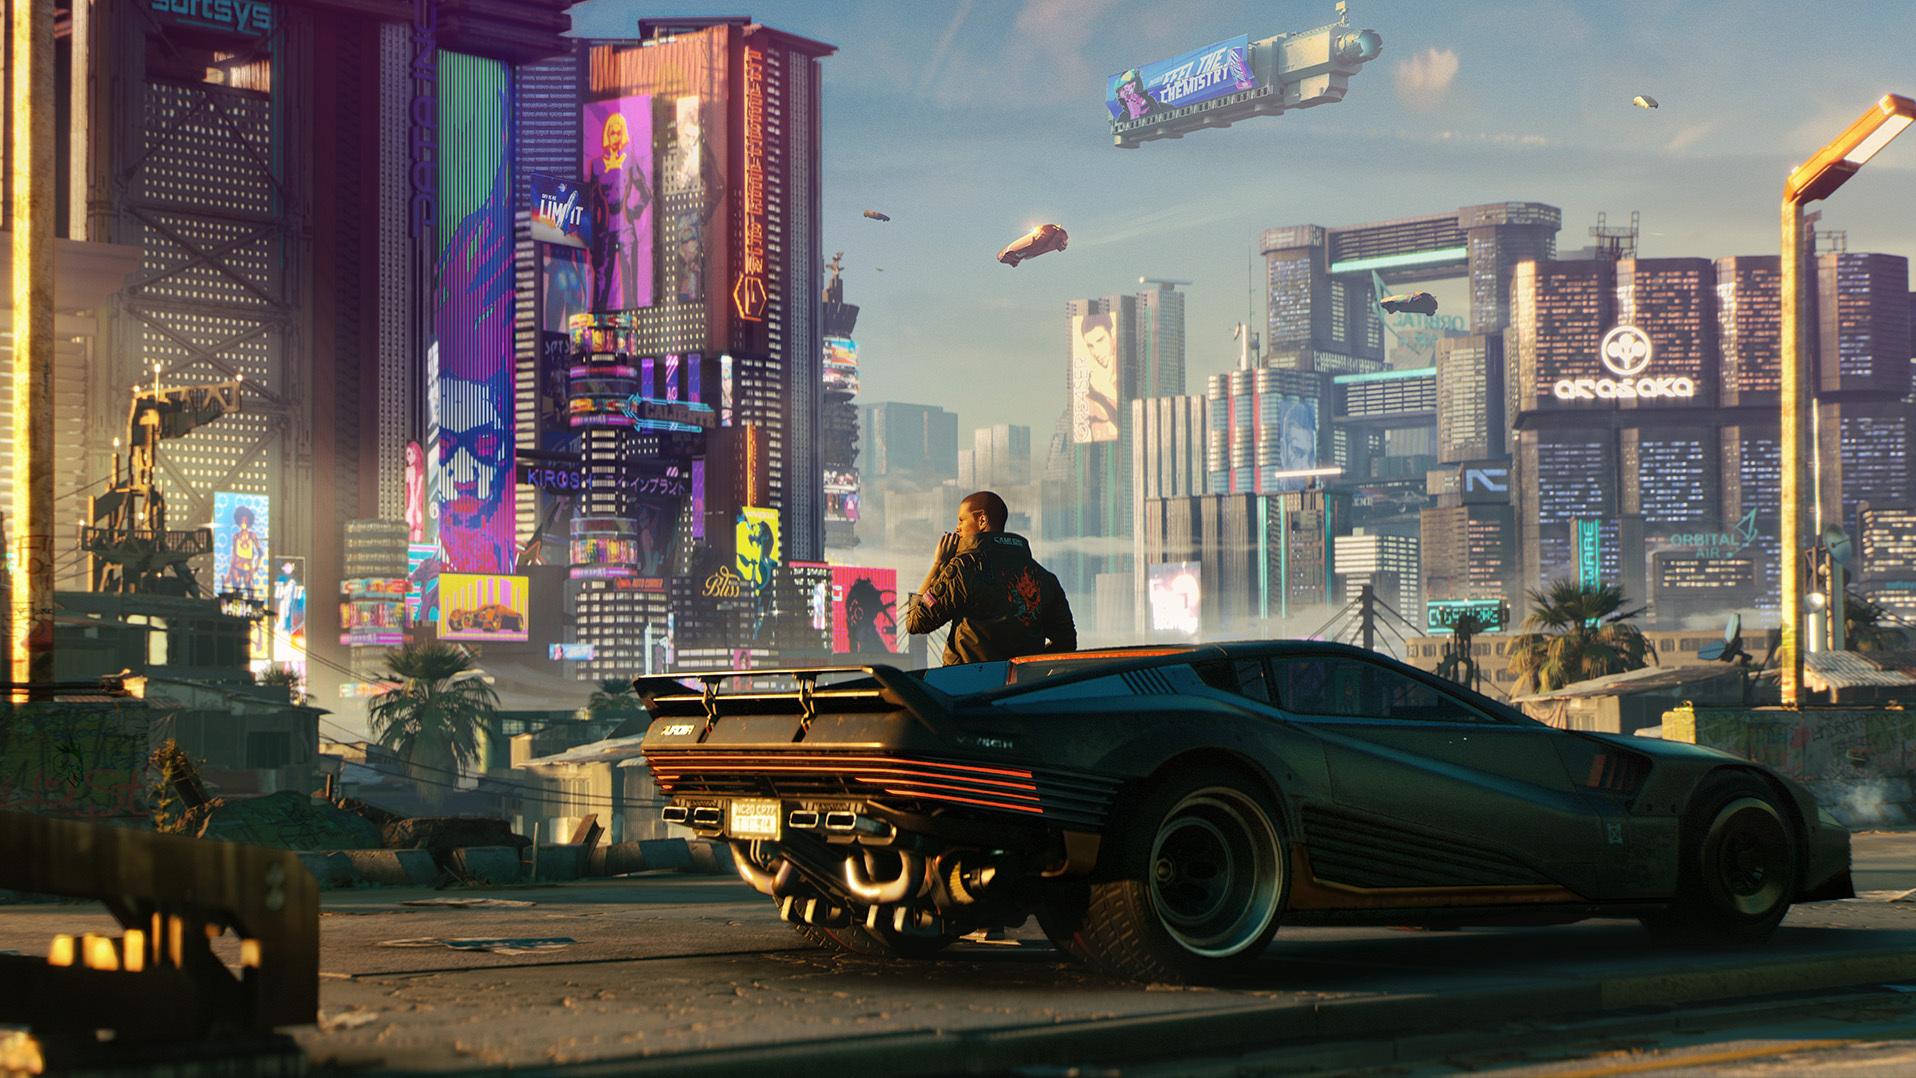 Энтузиасты выпустили мод для Cyberpunk 2077, улучшающий графику